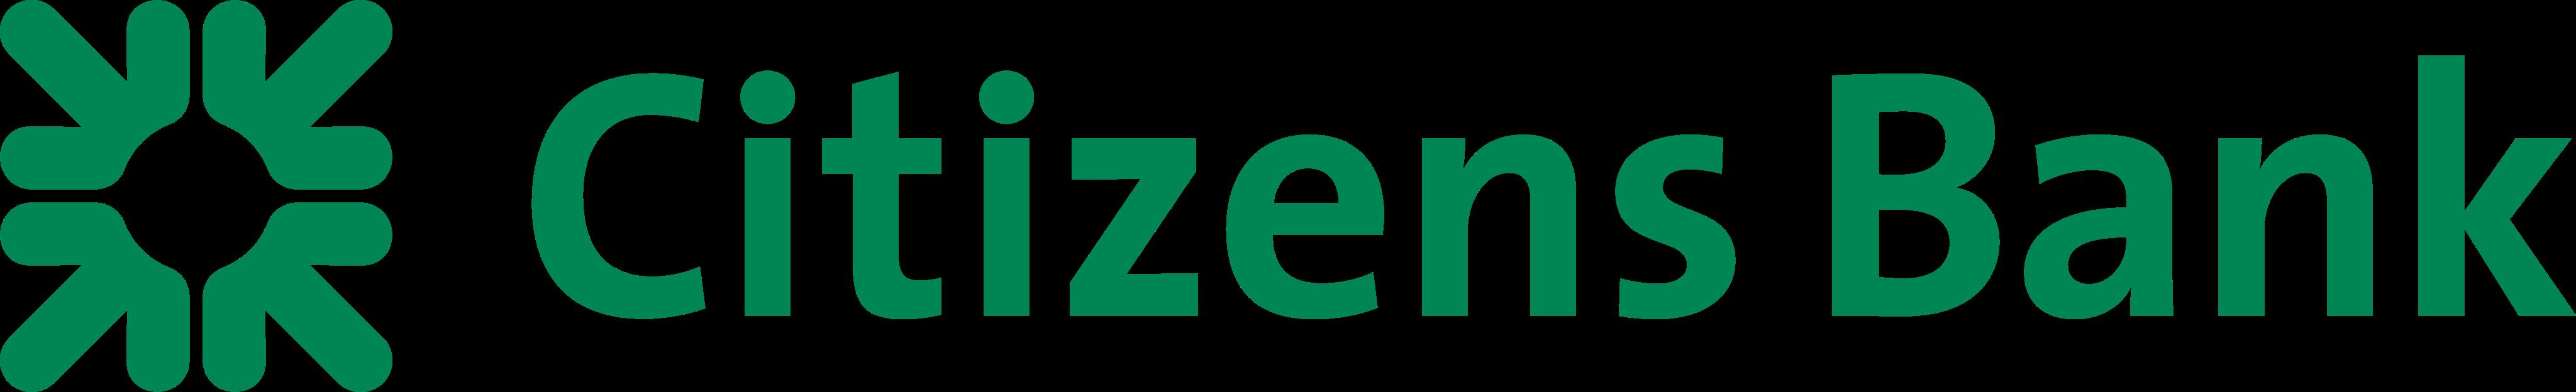 citizens bank logo 1 - Citizens Bank Logo